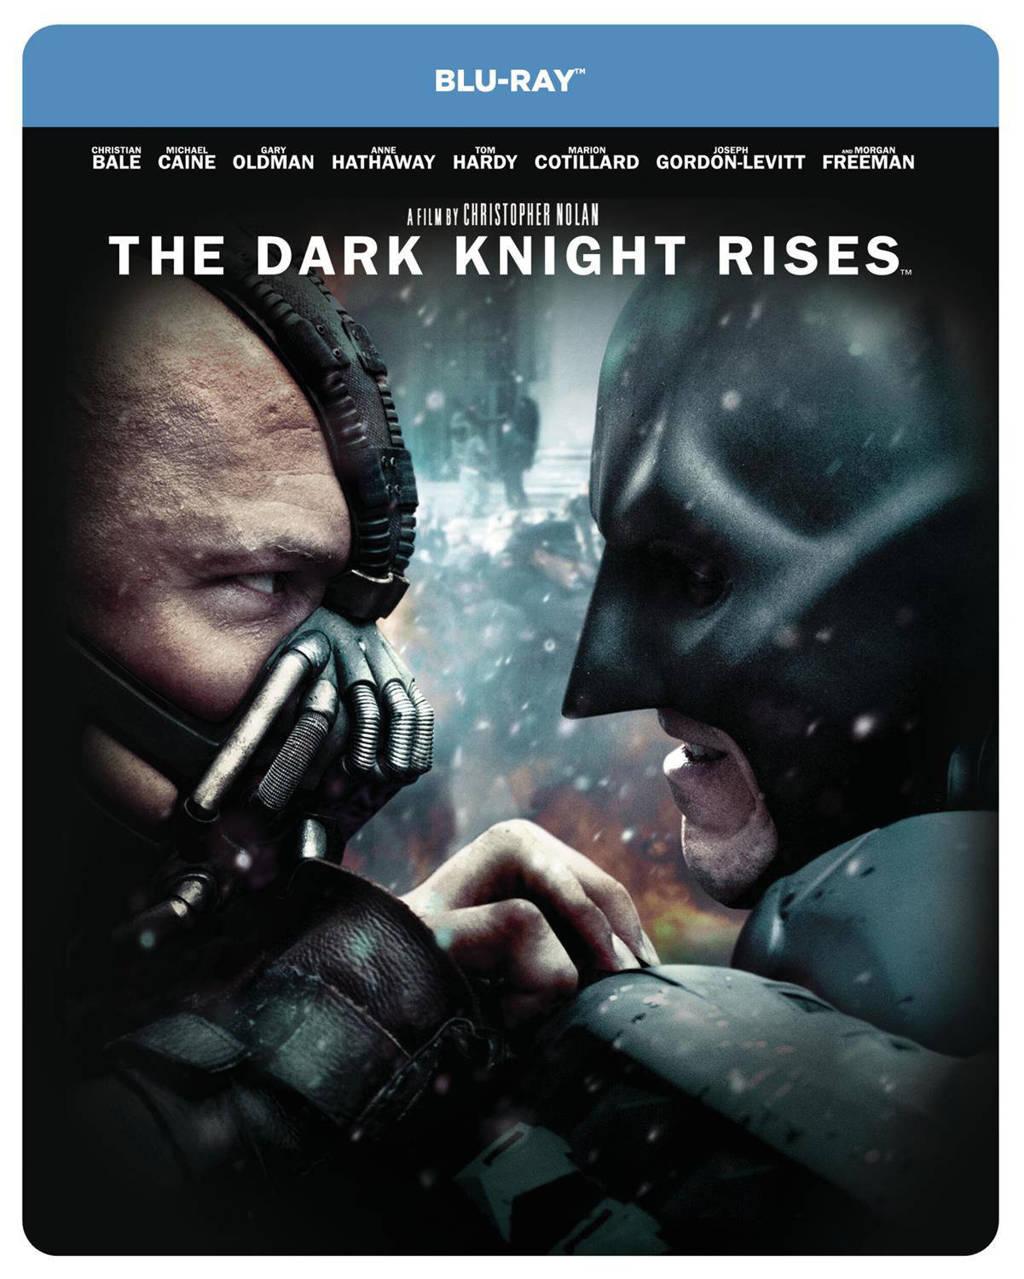 Dark knight rises (Blu-ray)